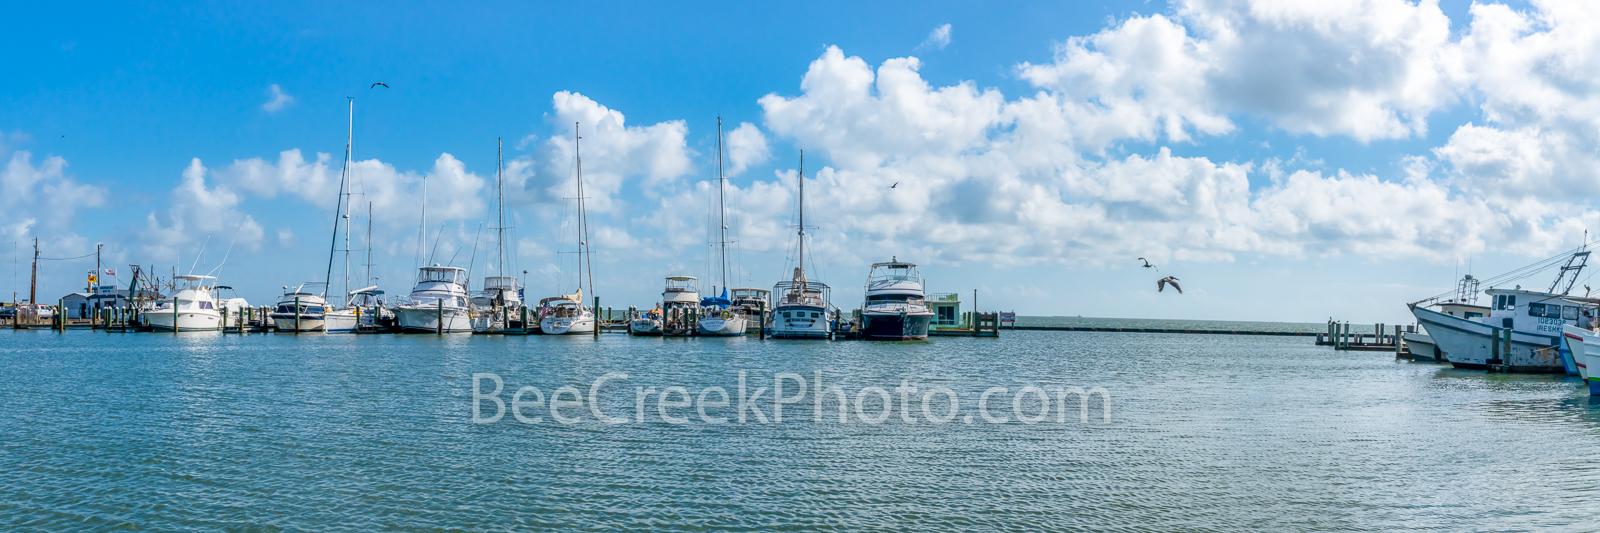 texas, fulton, fulton harbor, day, fulton-rockport, texas coast, coastal, ocean, waterscape, seascape, marina, gulf of mexico, gulf, colorful, fishing, boat, boats, sailboats, shrimp boat, sunrise, su, photo